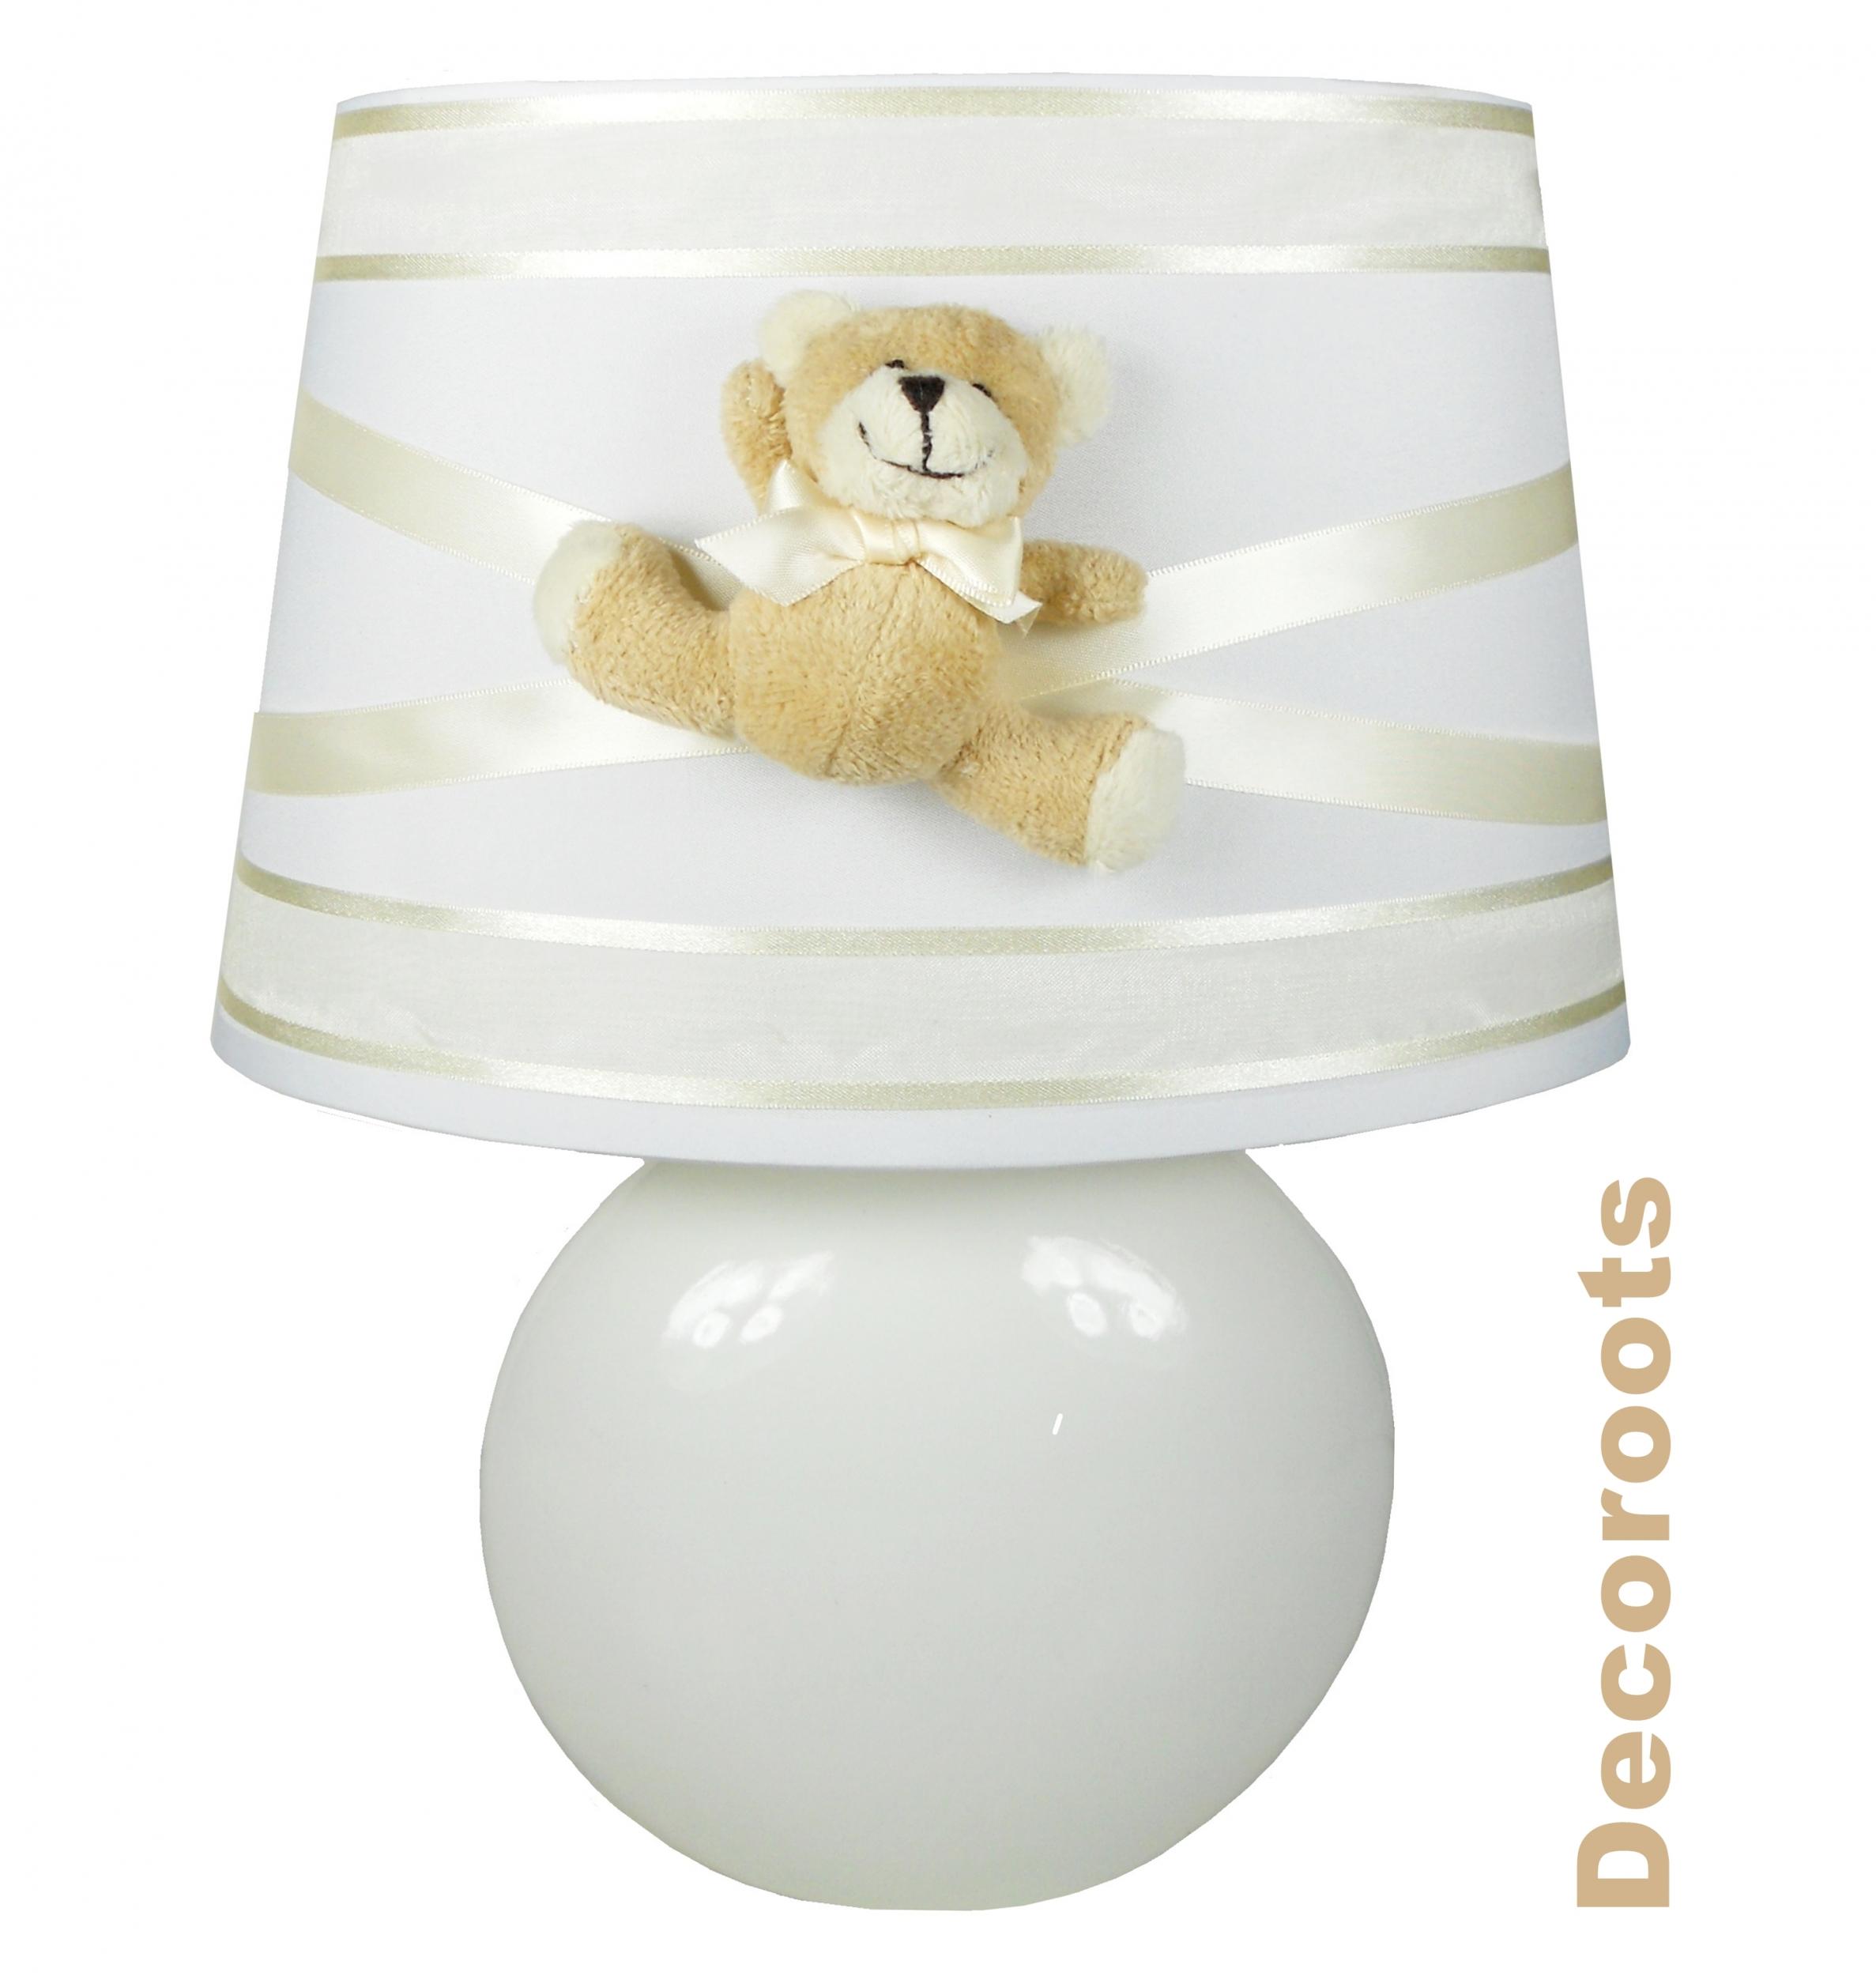 Lampe b b ours peluche d coration chambre enfant b b - Lampe de chevet bebe ...